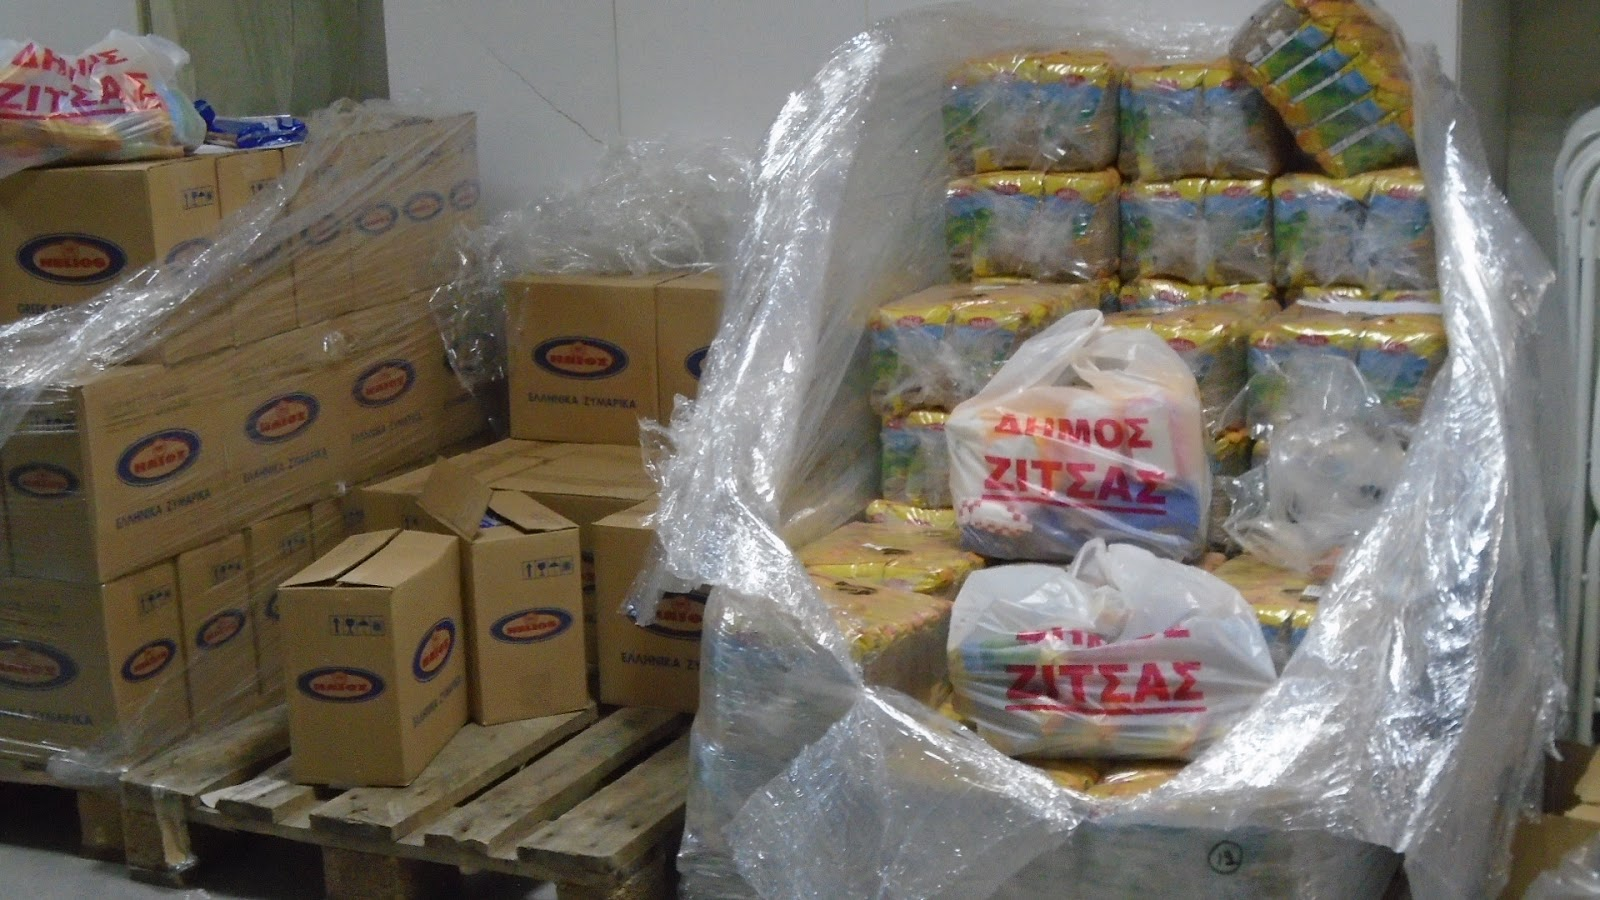 Διανομή τροφίμων στο Δήμο Ζίτσας, σε δικαιούχους του Τ.Ε.Β.Α.